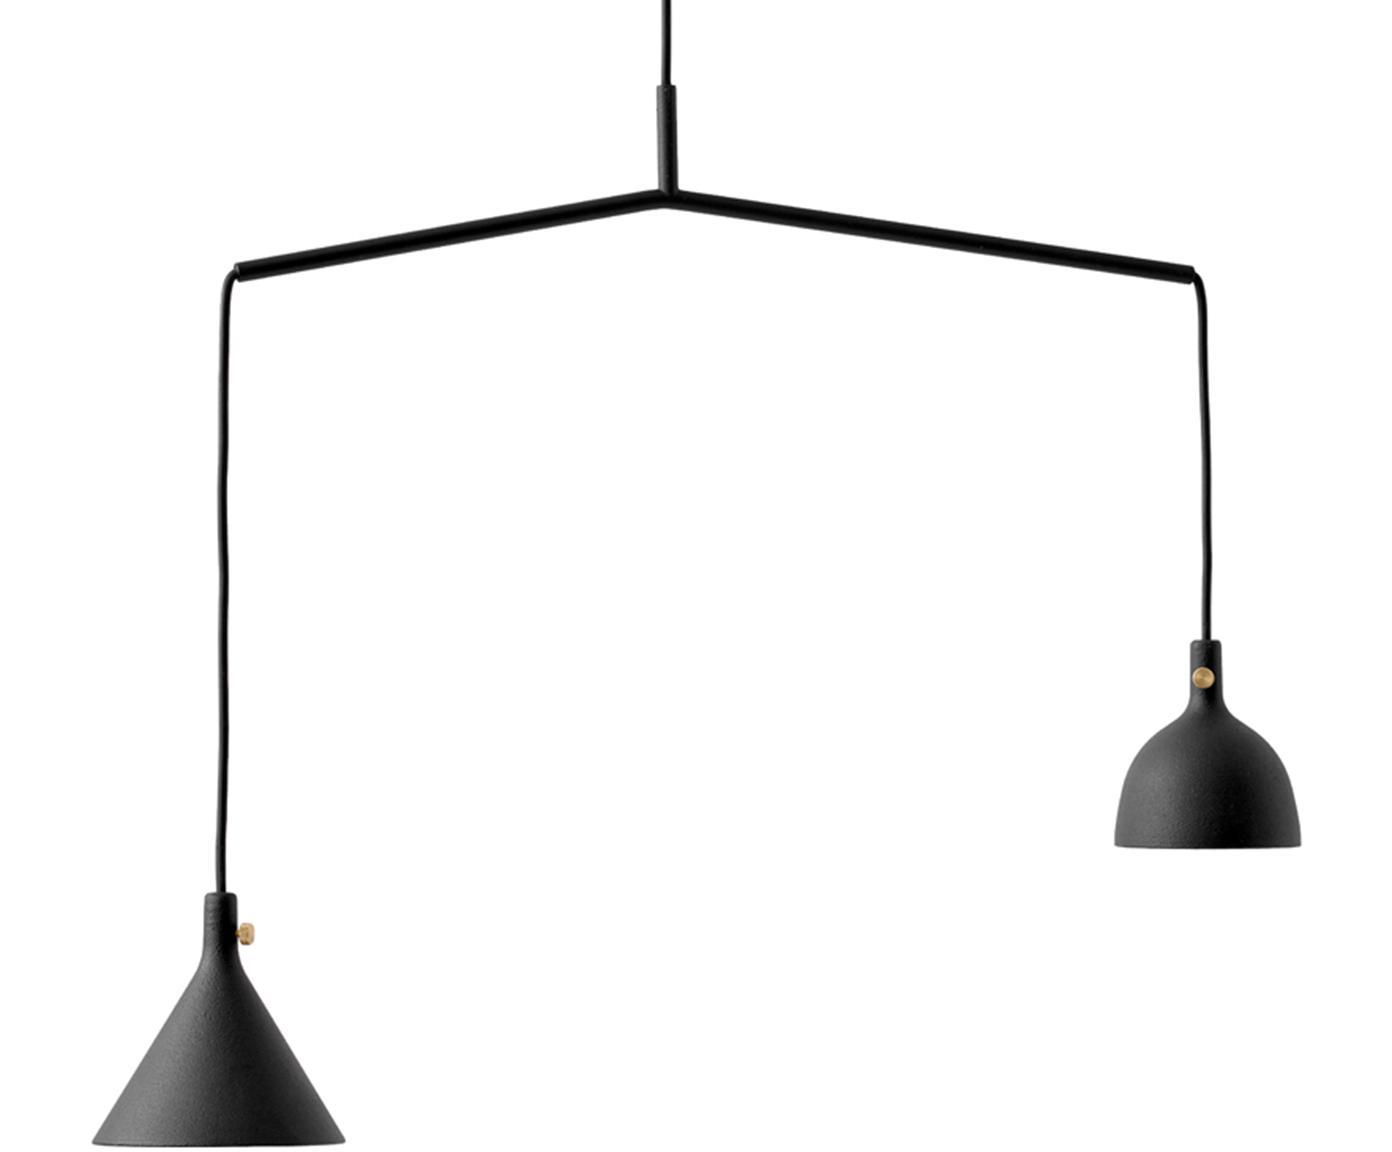 Pendelleuchte Cast mit Gegengewicht, Lampenschirm: Aluminium, beschichtet, M, Schwarz, 66 x 432 cm